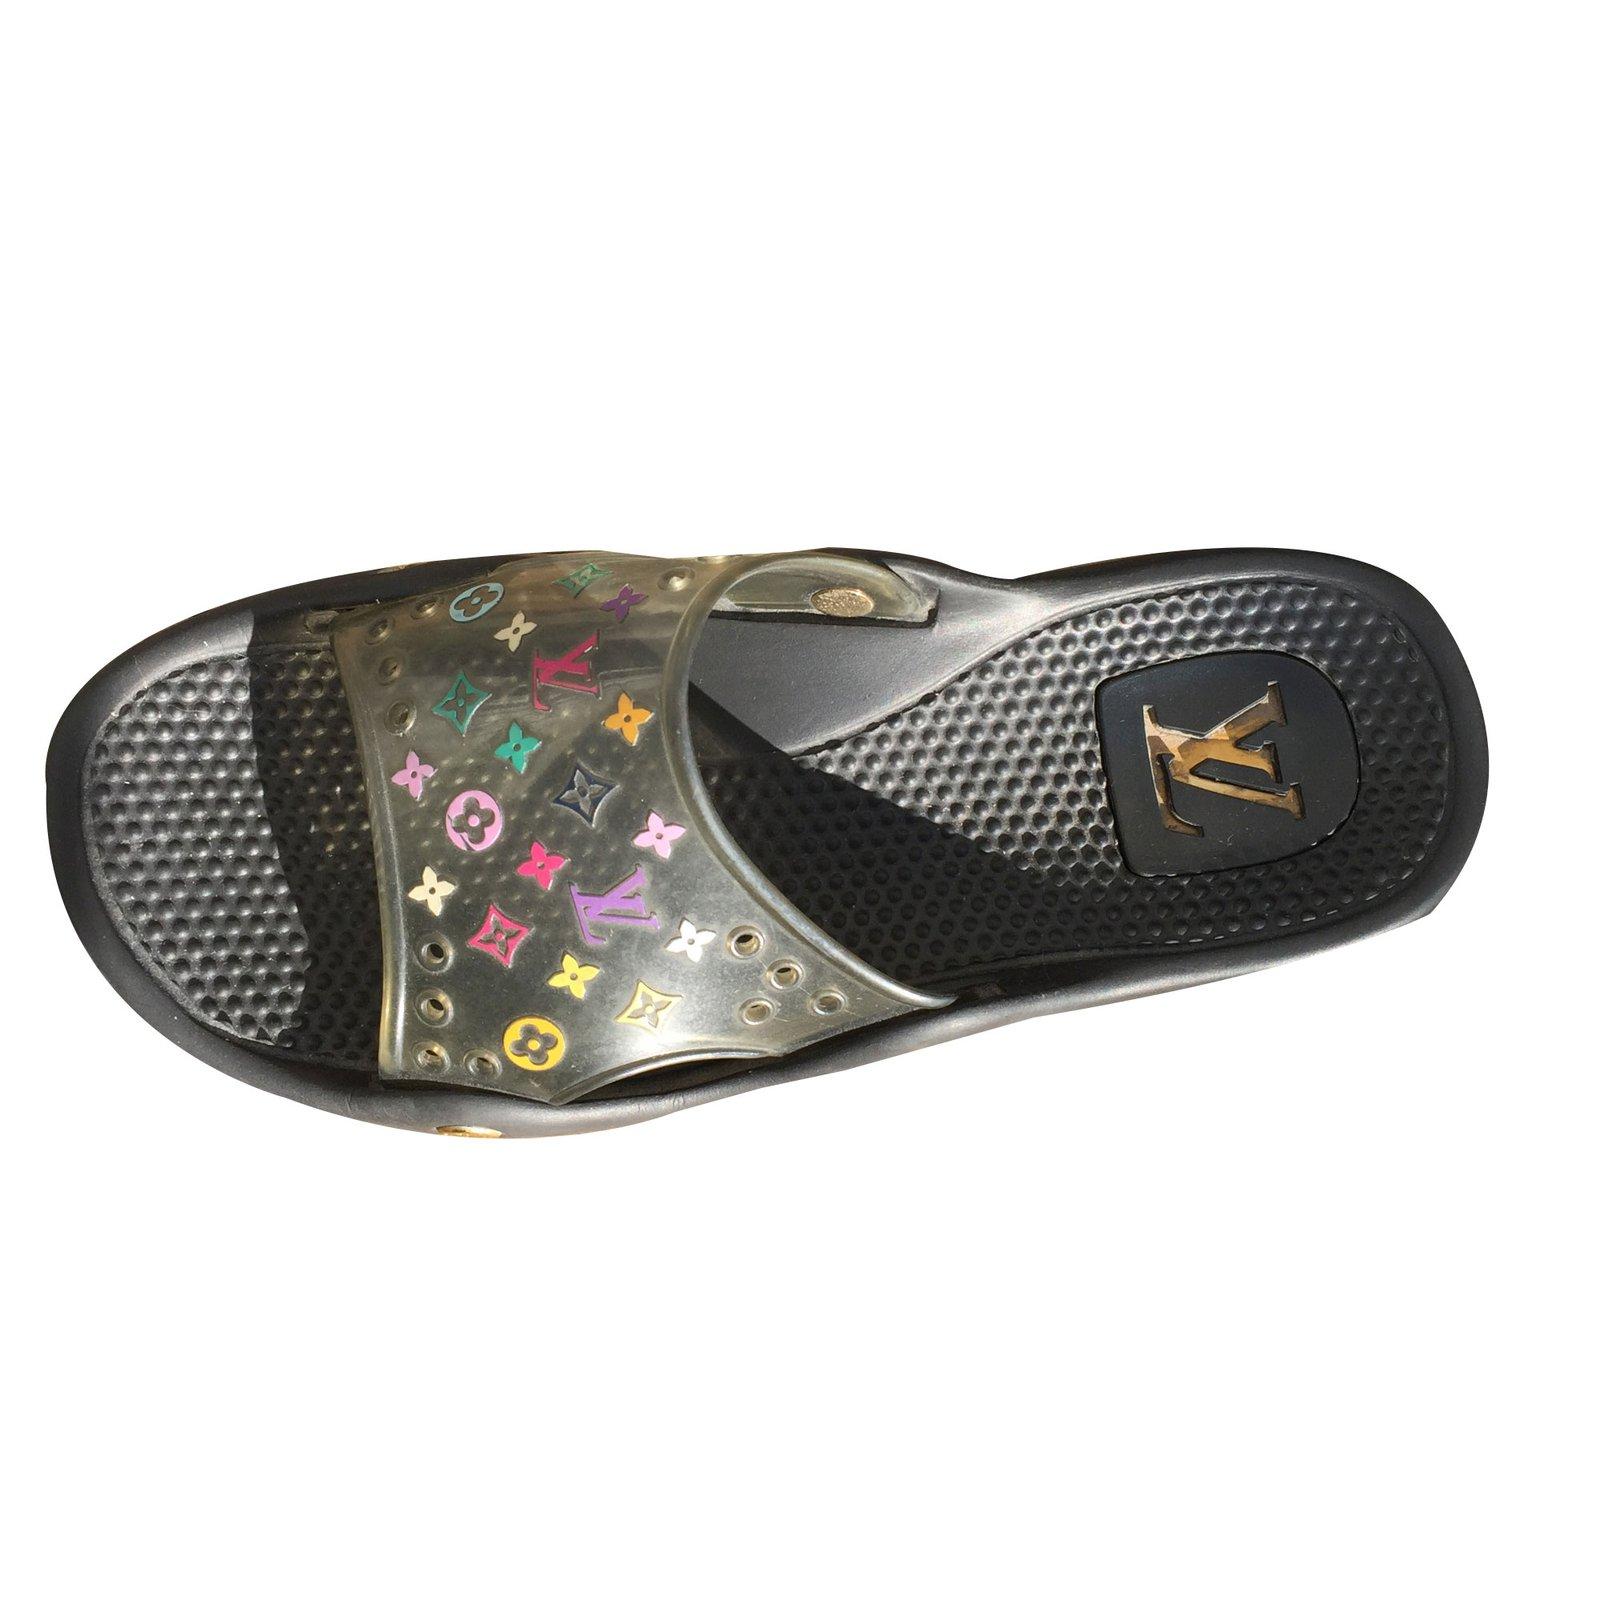 Sandales homme Louis Vuitton sandale plage piscine LOUIS VUITTON Plastique  Multicolore ref.41319 cdde4523888